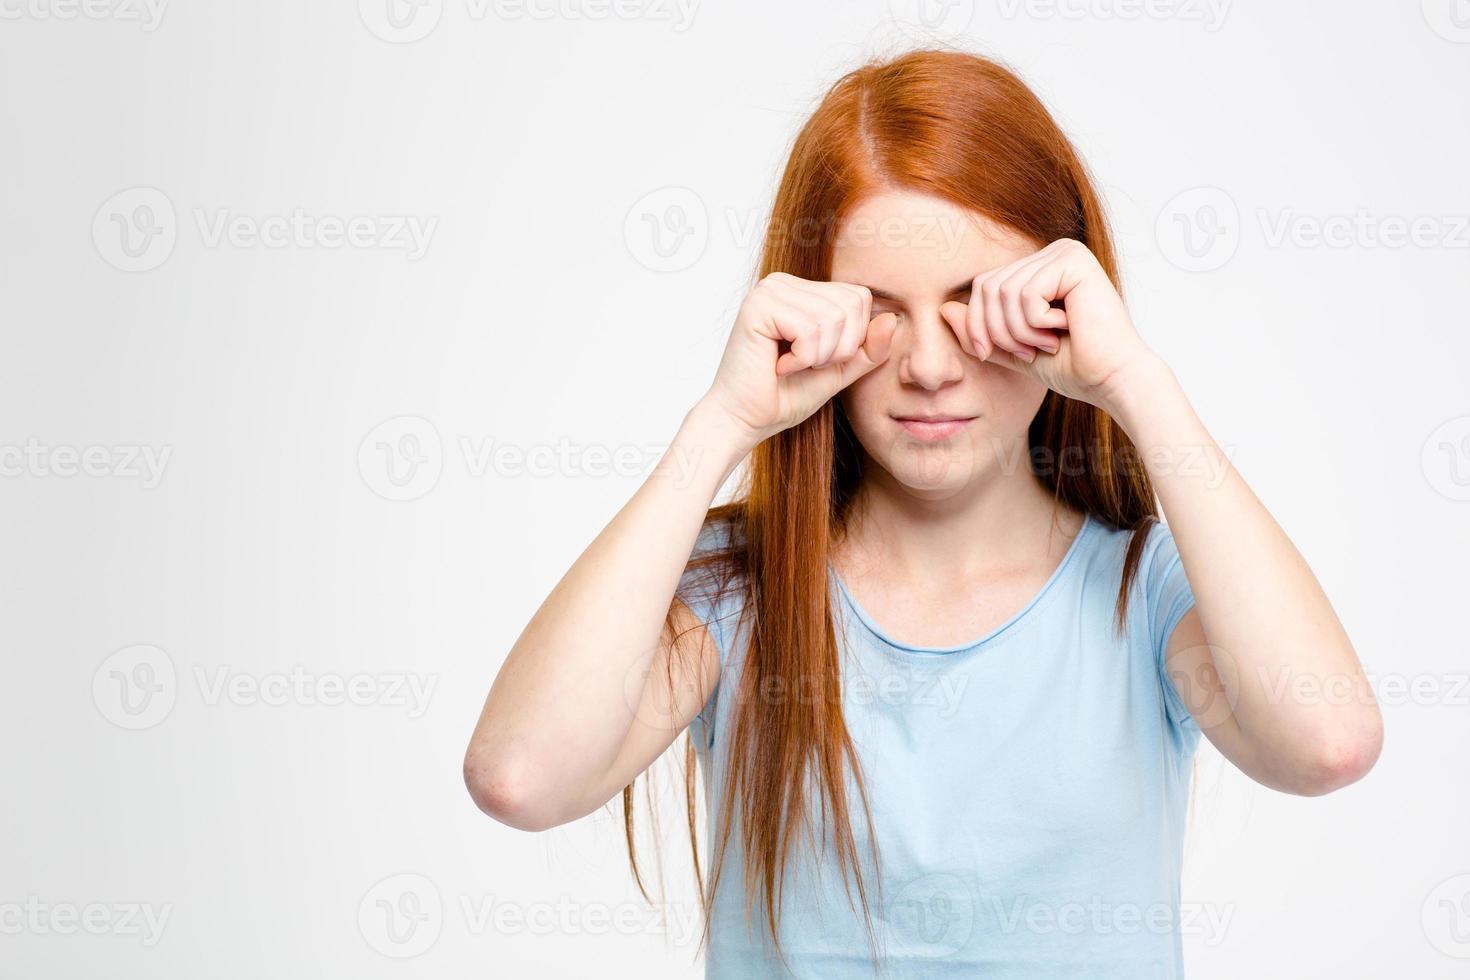 sonolenta jovem cansada, esfregando os olhos pelas mãos foto